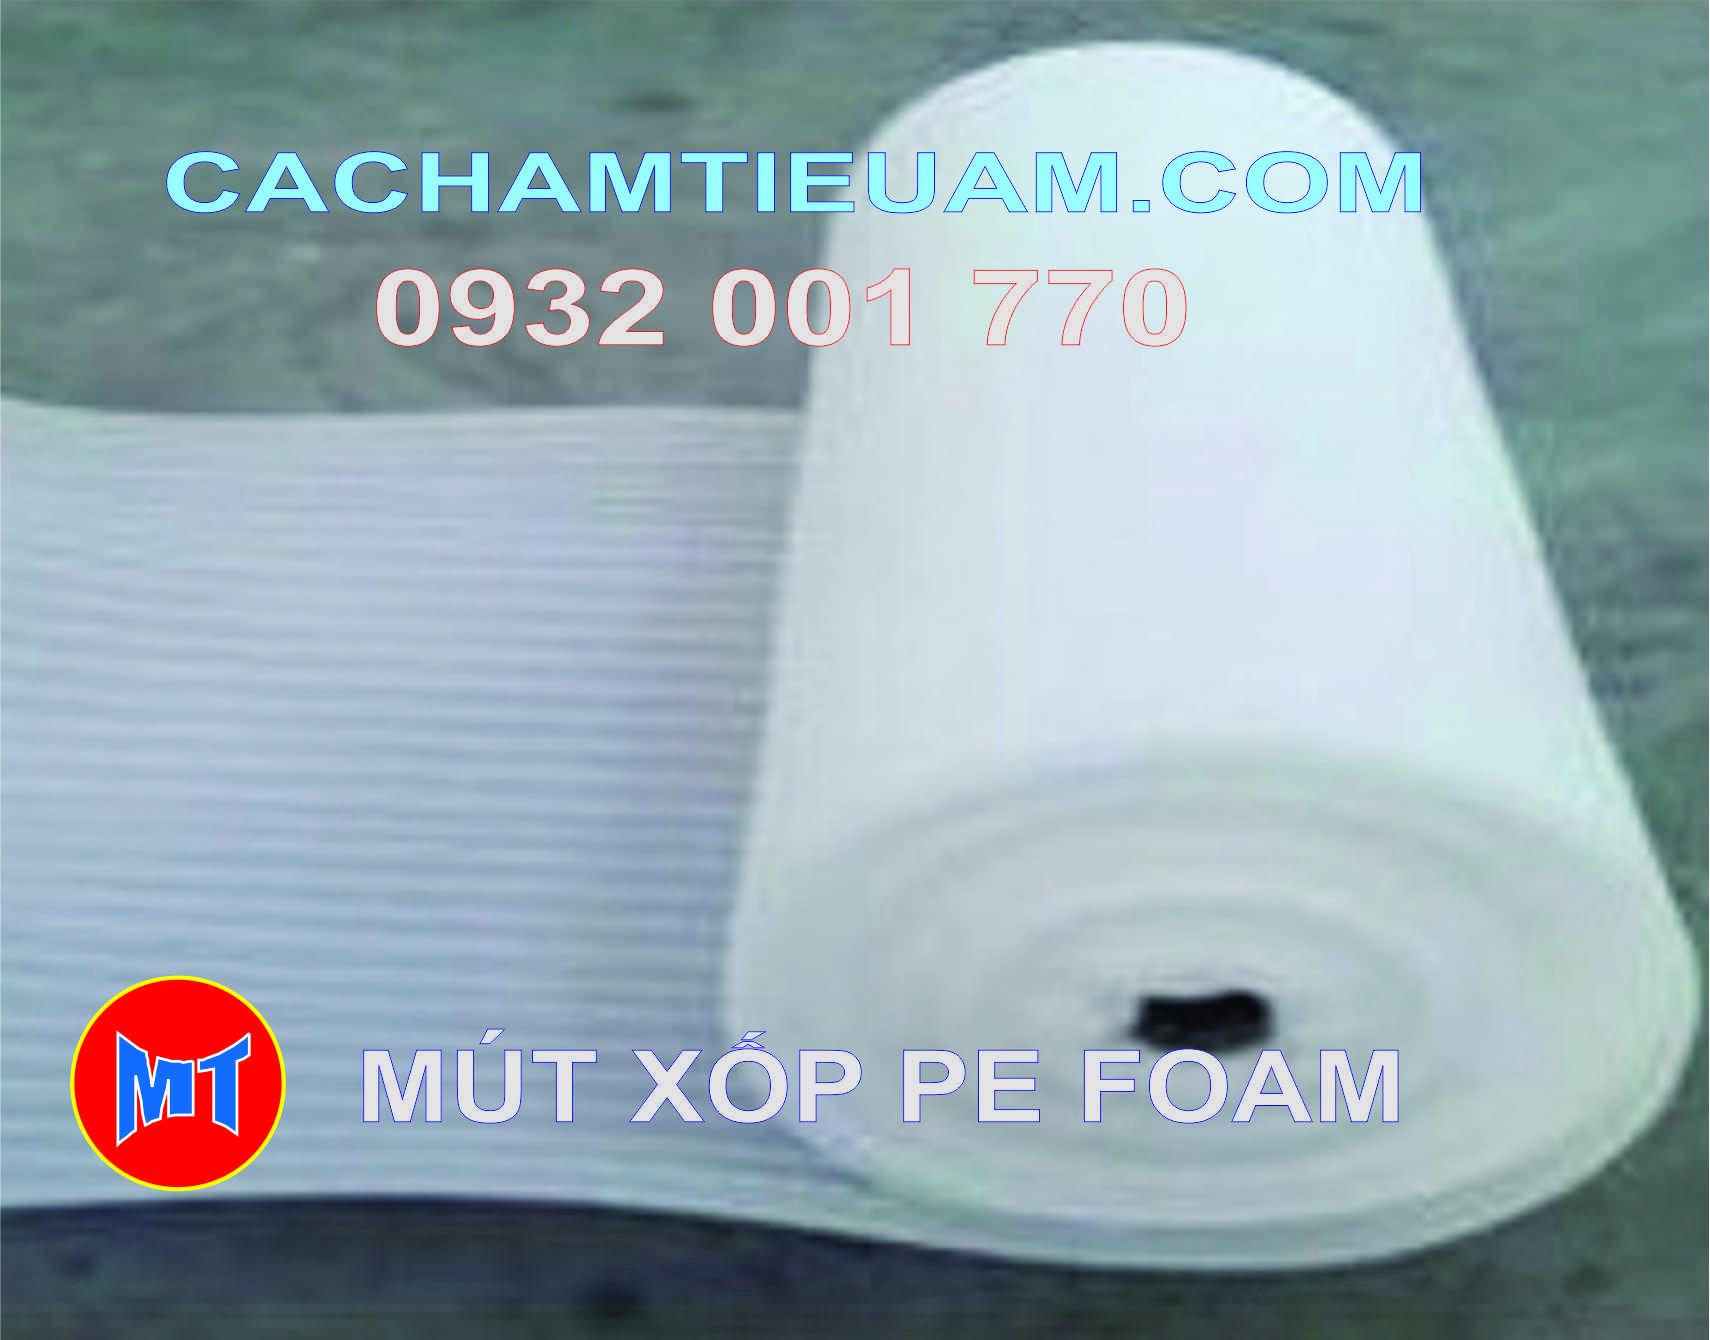 hình ảnh sản phẩm Màng PE foam trắng dày 0.5mm - 0.5T dùng bọc lót , gói hàng